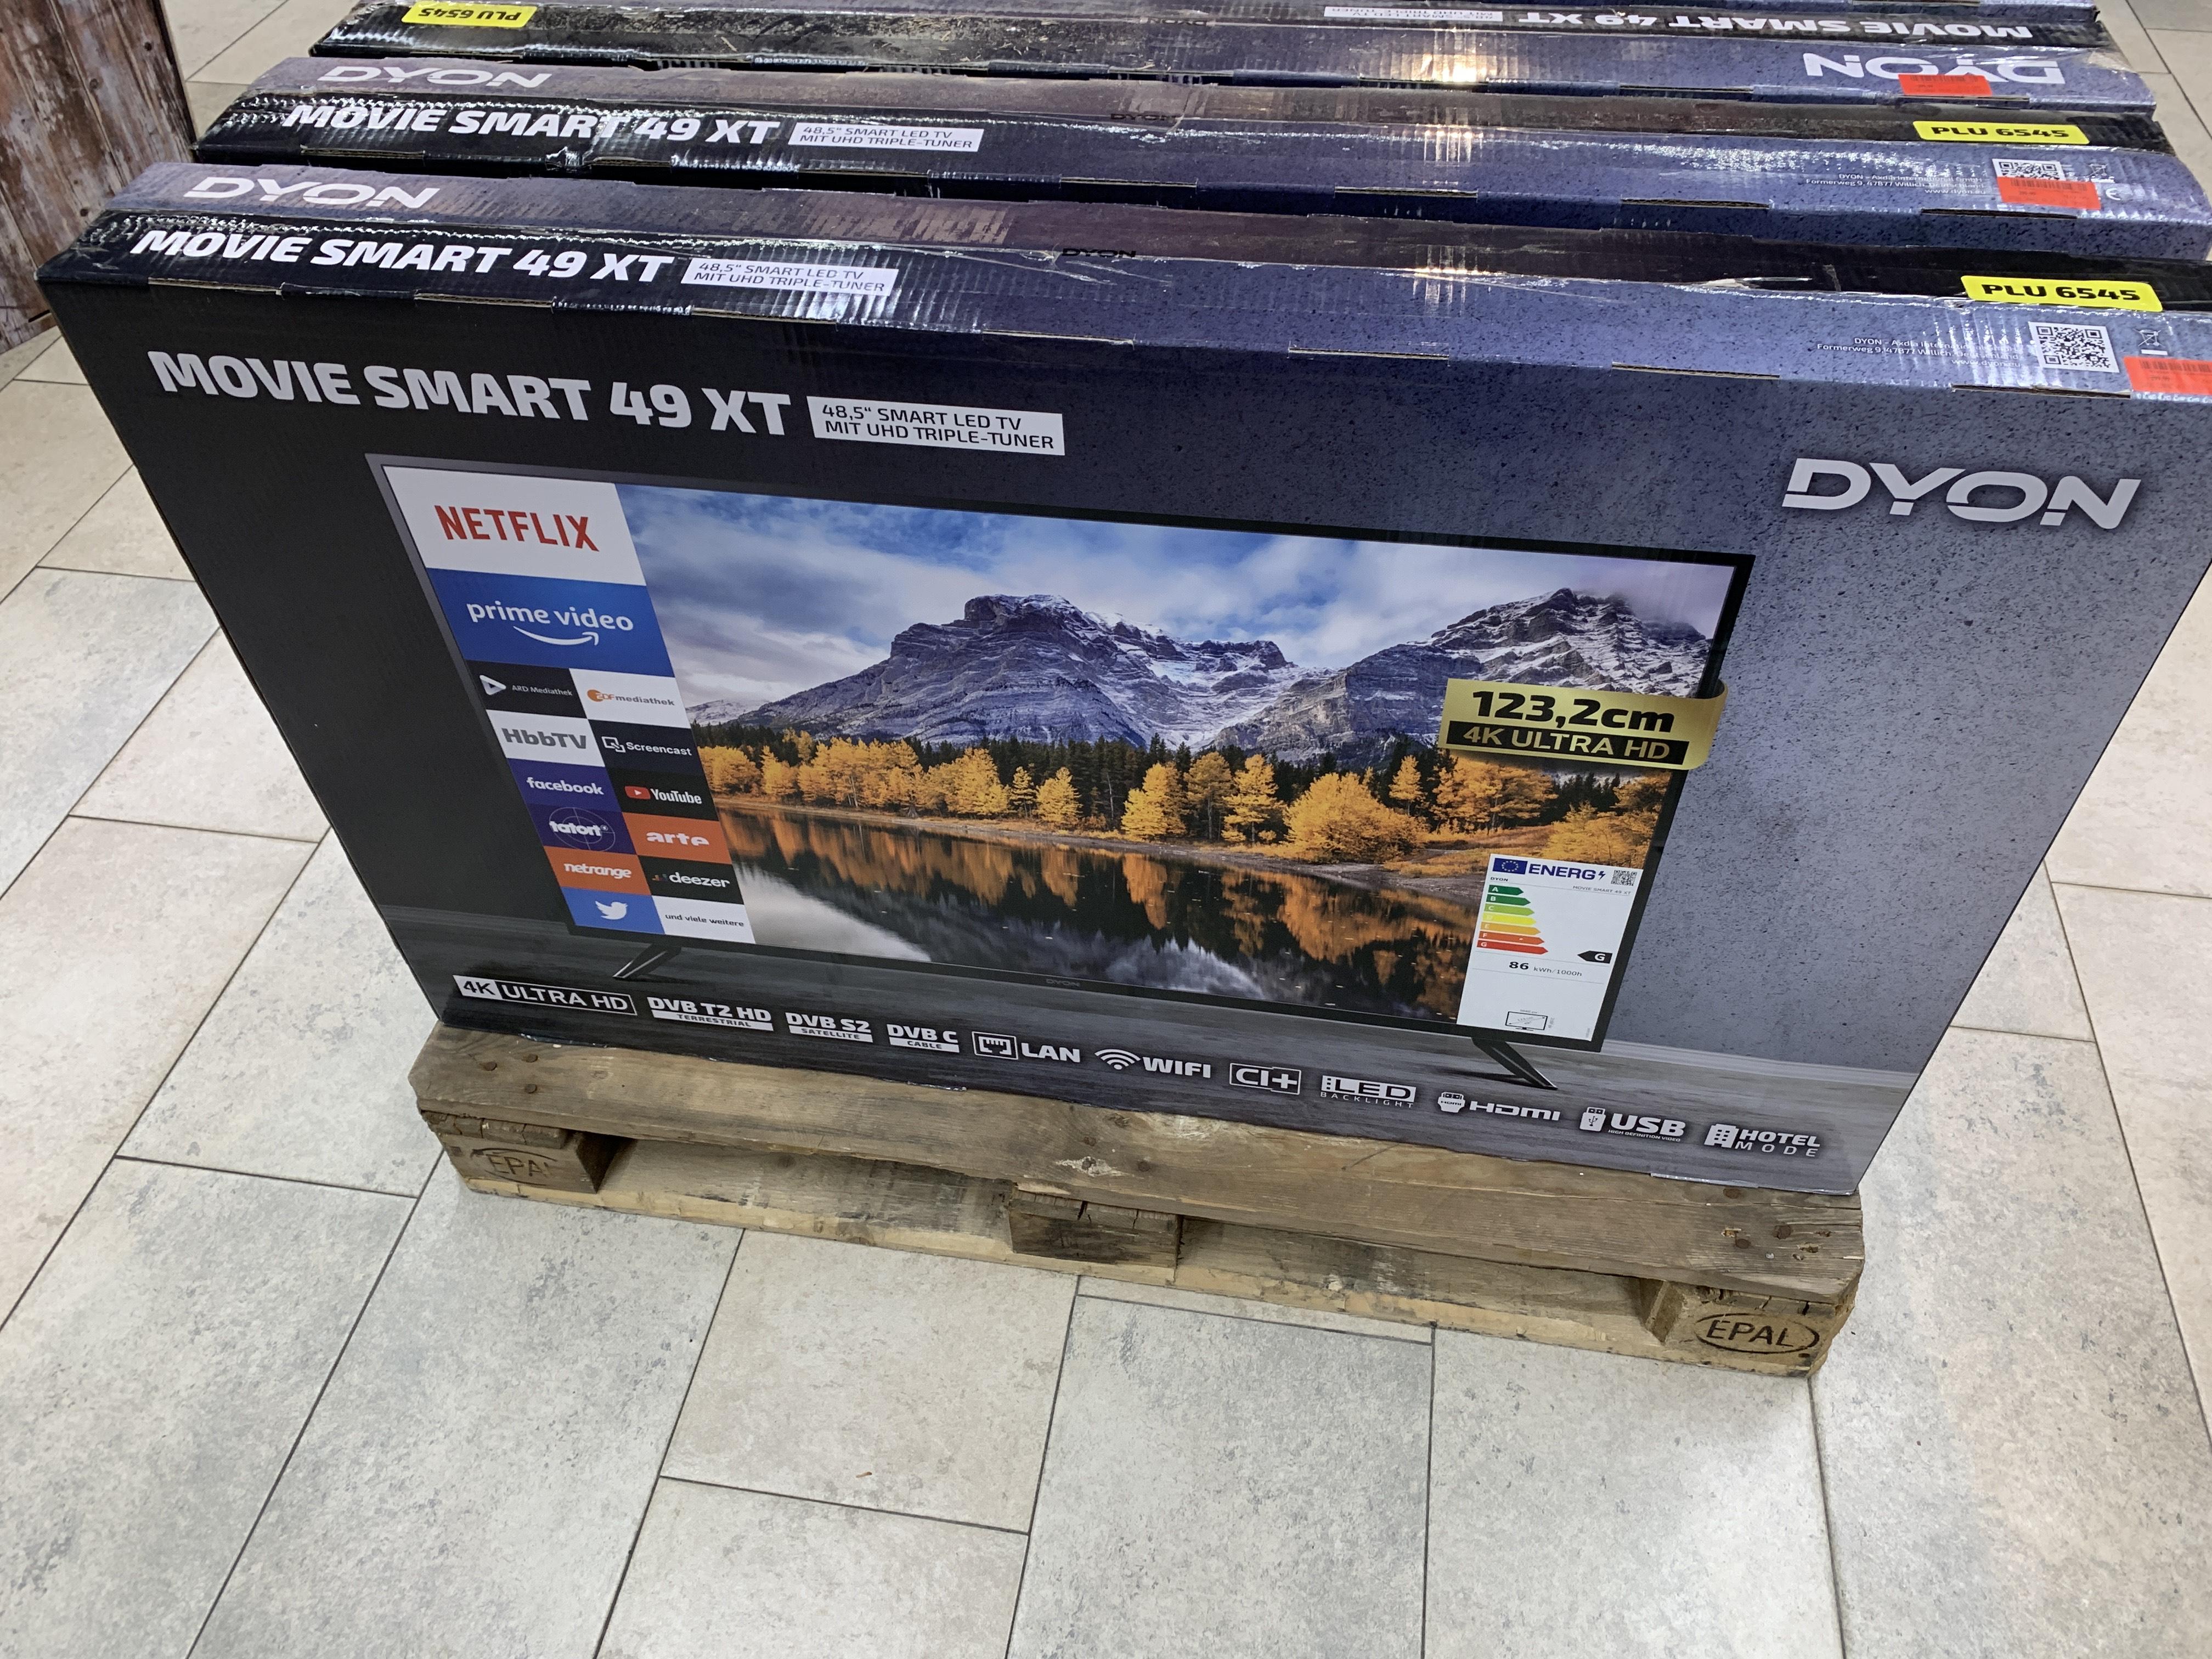 Dyon Movie Smart 49 XT Lokal Neu-Ulm